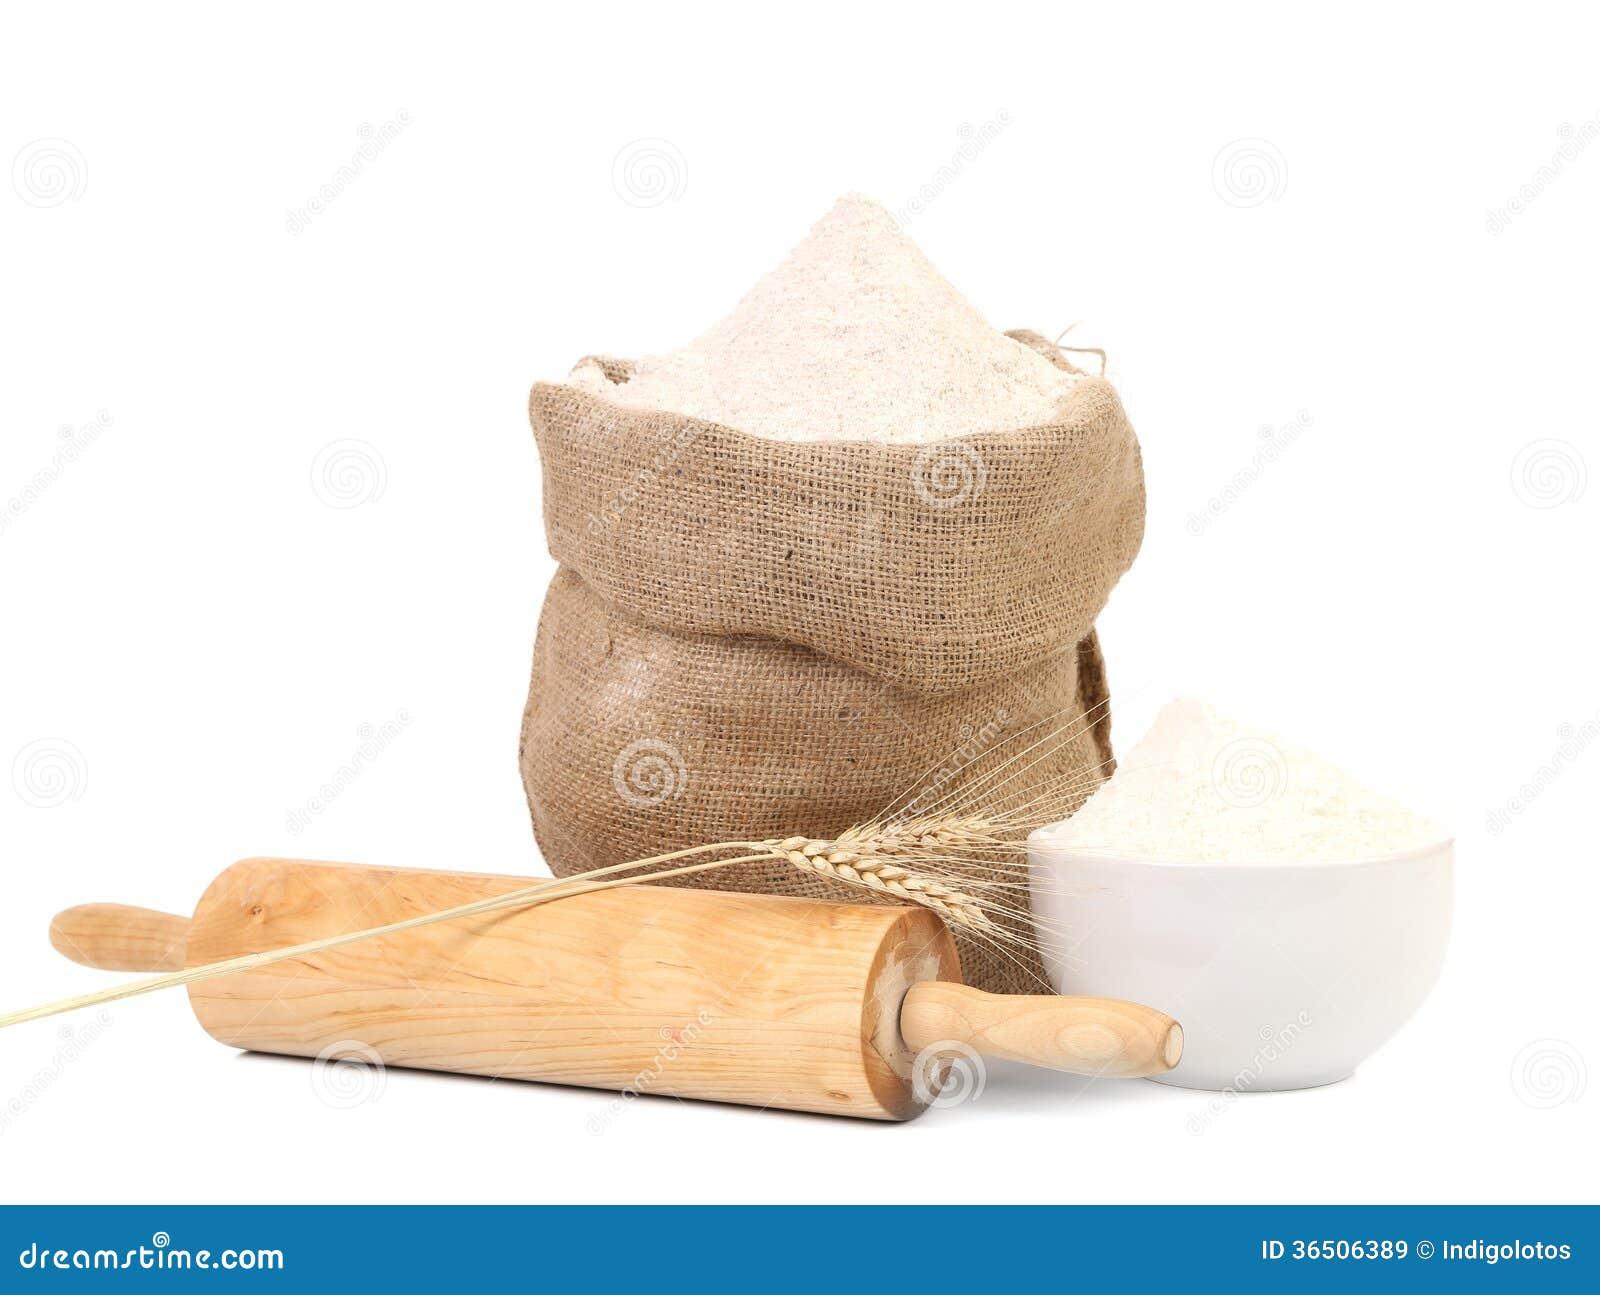 Biała mąka i toczna szpilka.